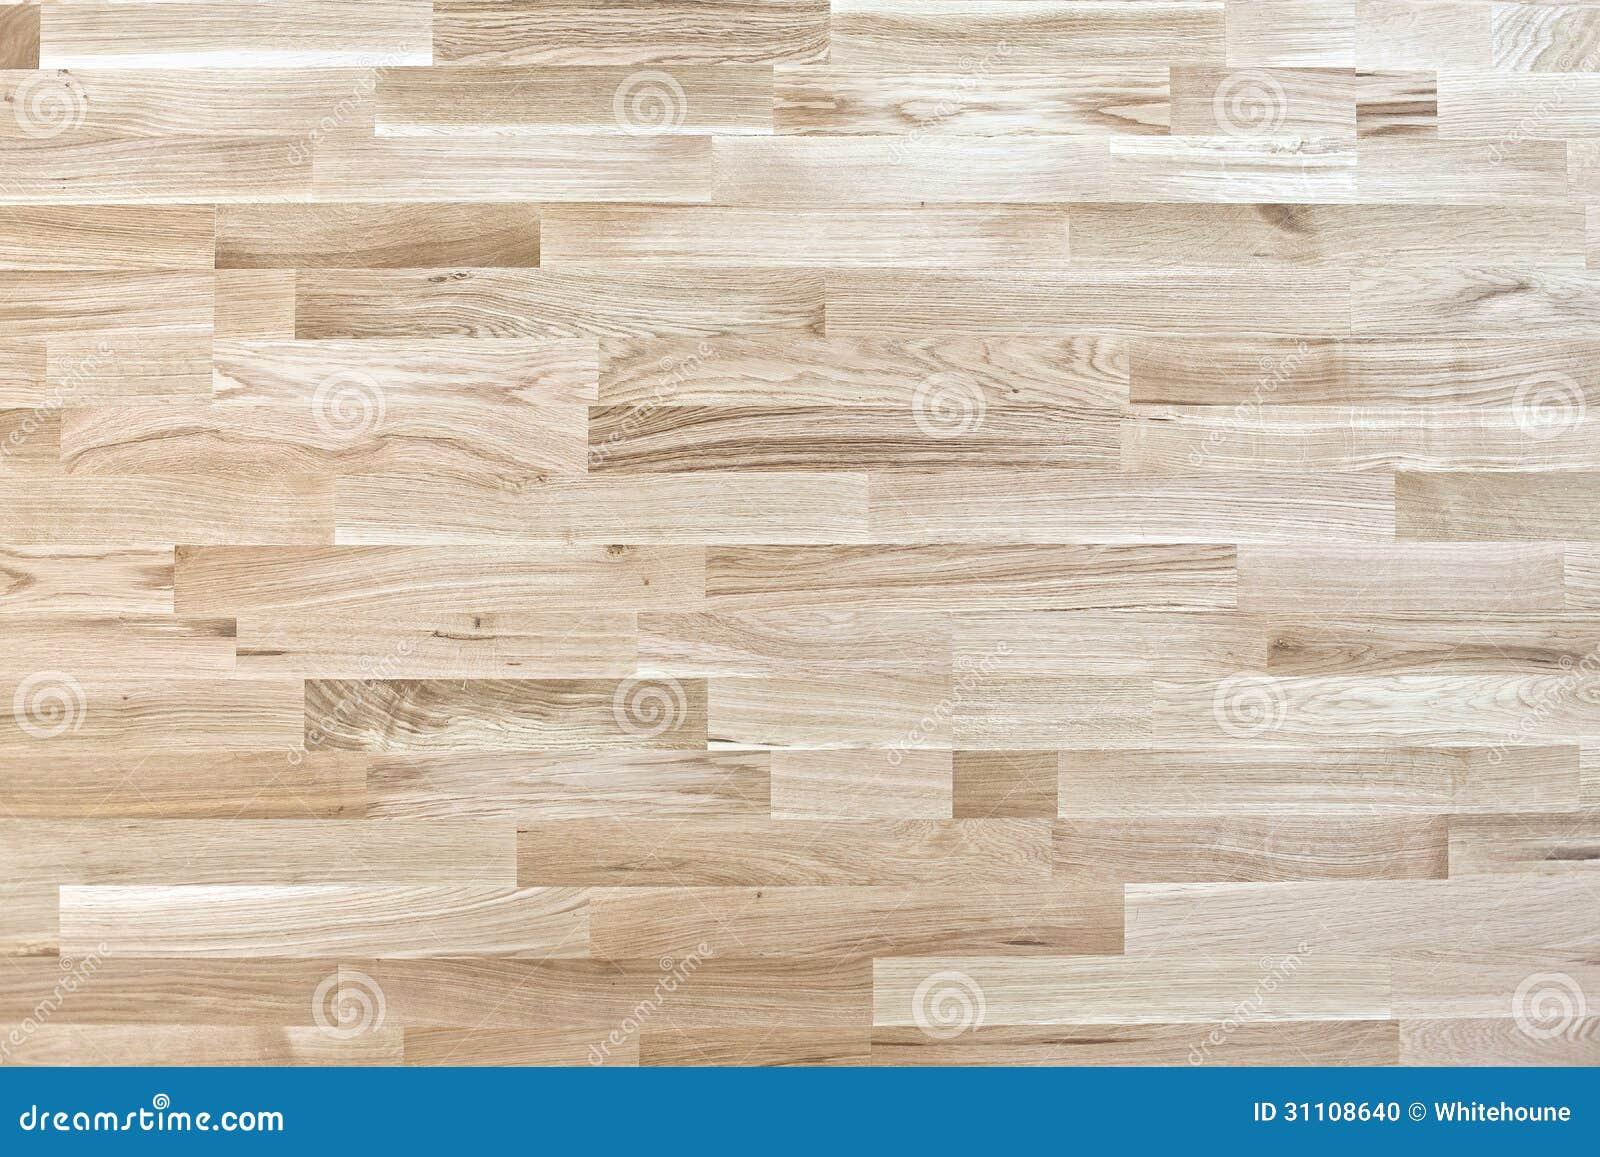 Piso laminado foto de archivo imagen de fondos abedul for Piso laminado de madera